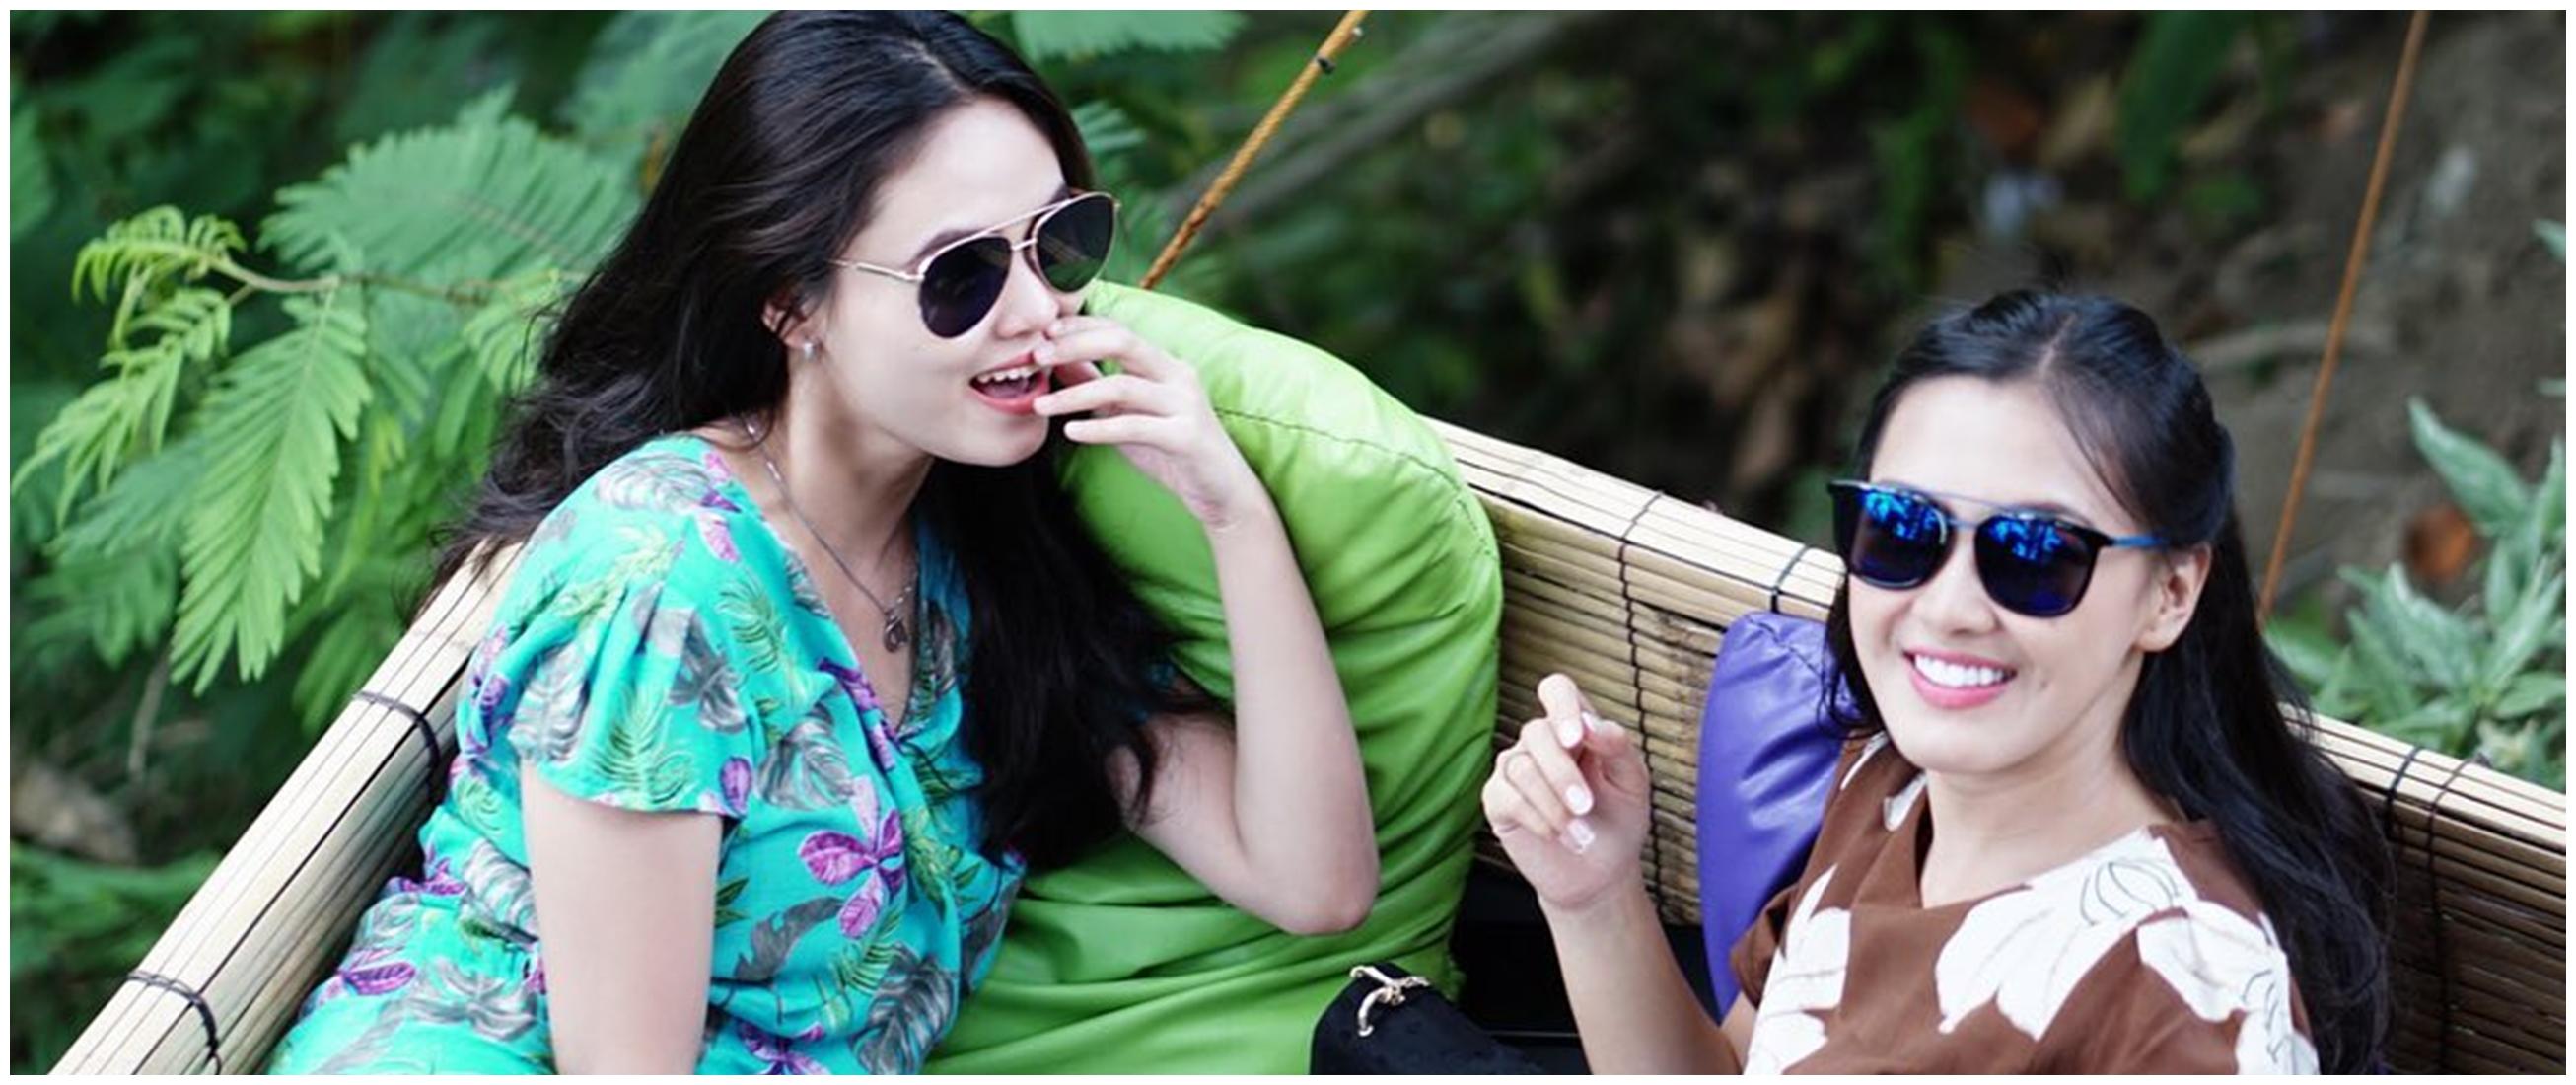 7 Potret kompak Ana dengan Dwinda, dua istri Mas Pur di TOP & realita